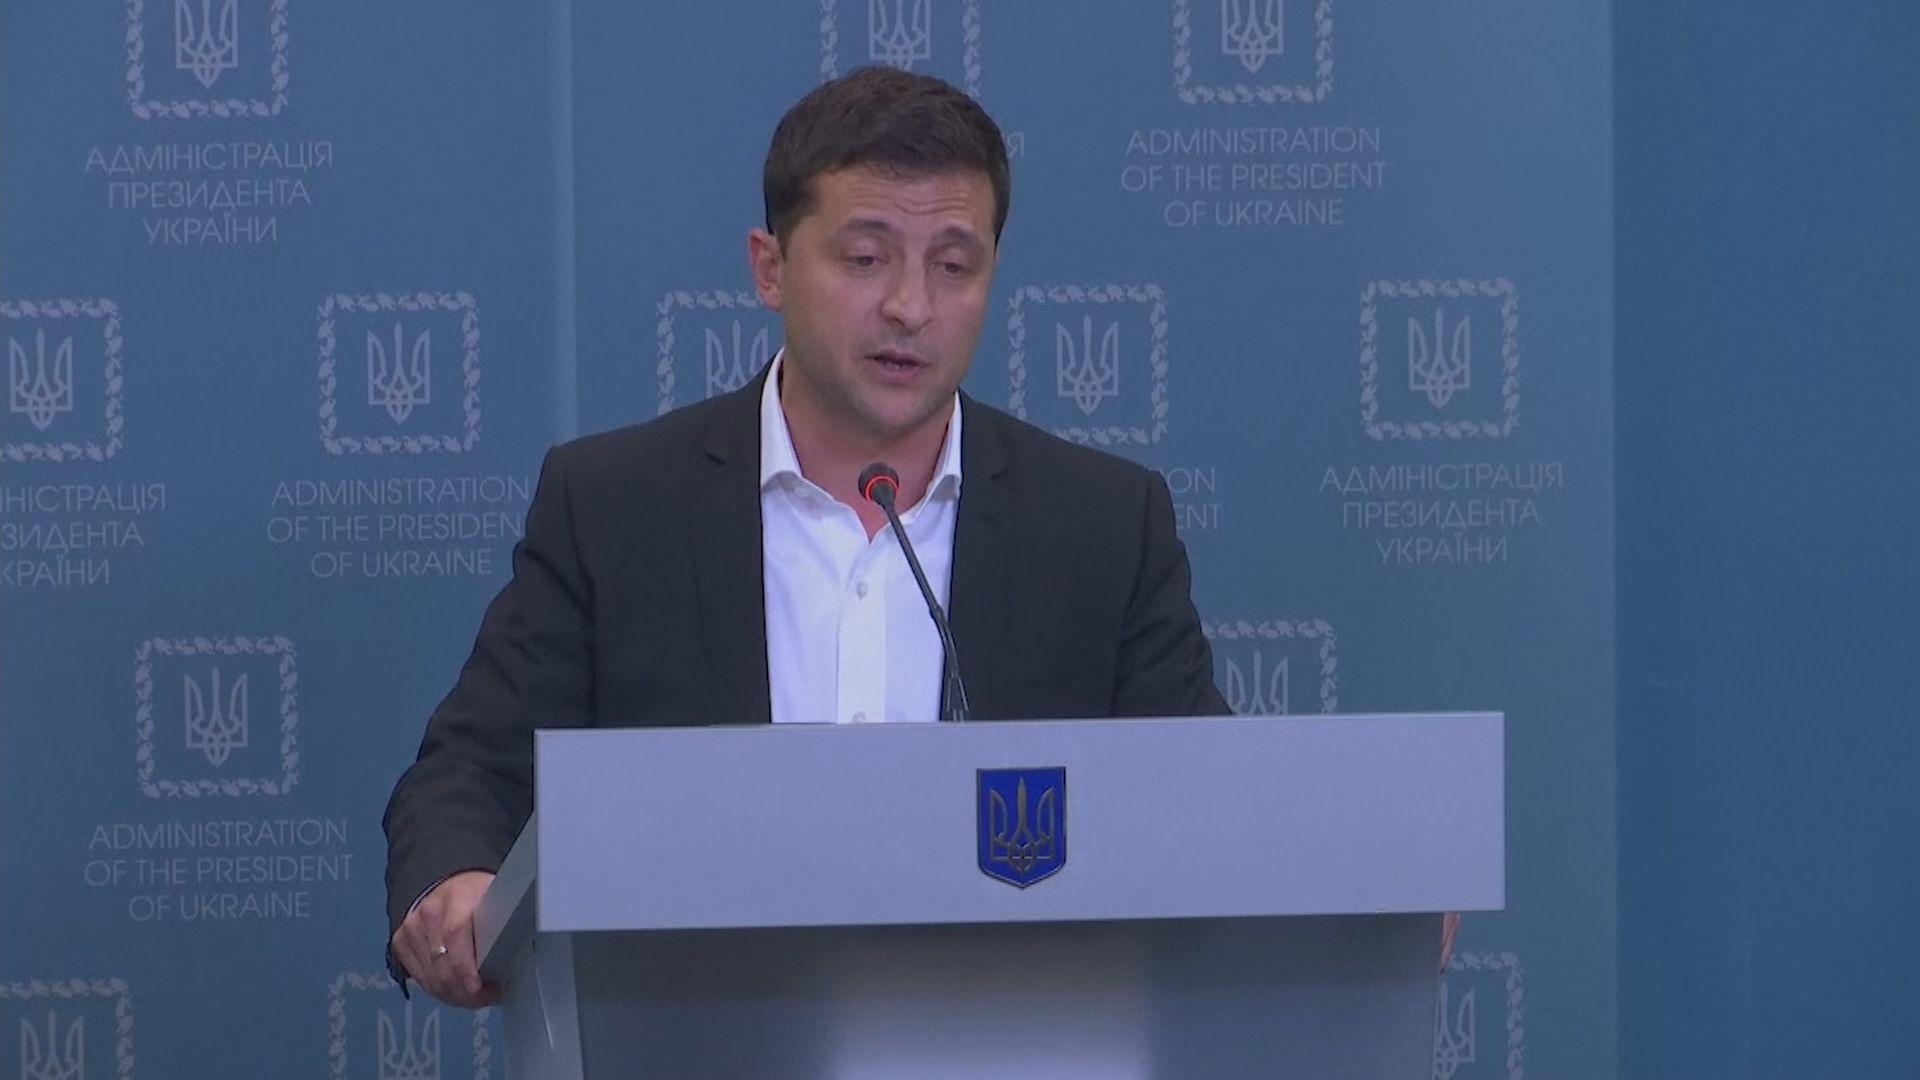 烏克蘭民眾批評澤總統連斯基對伊朗過於忍氣吞聲